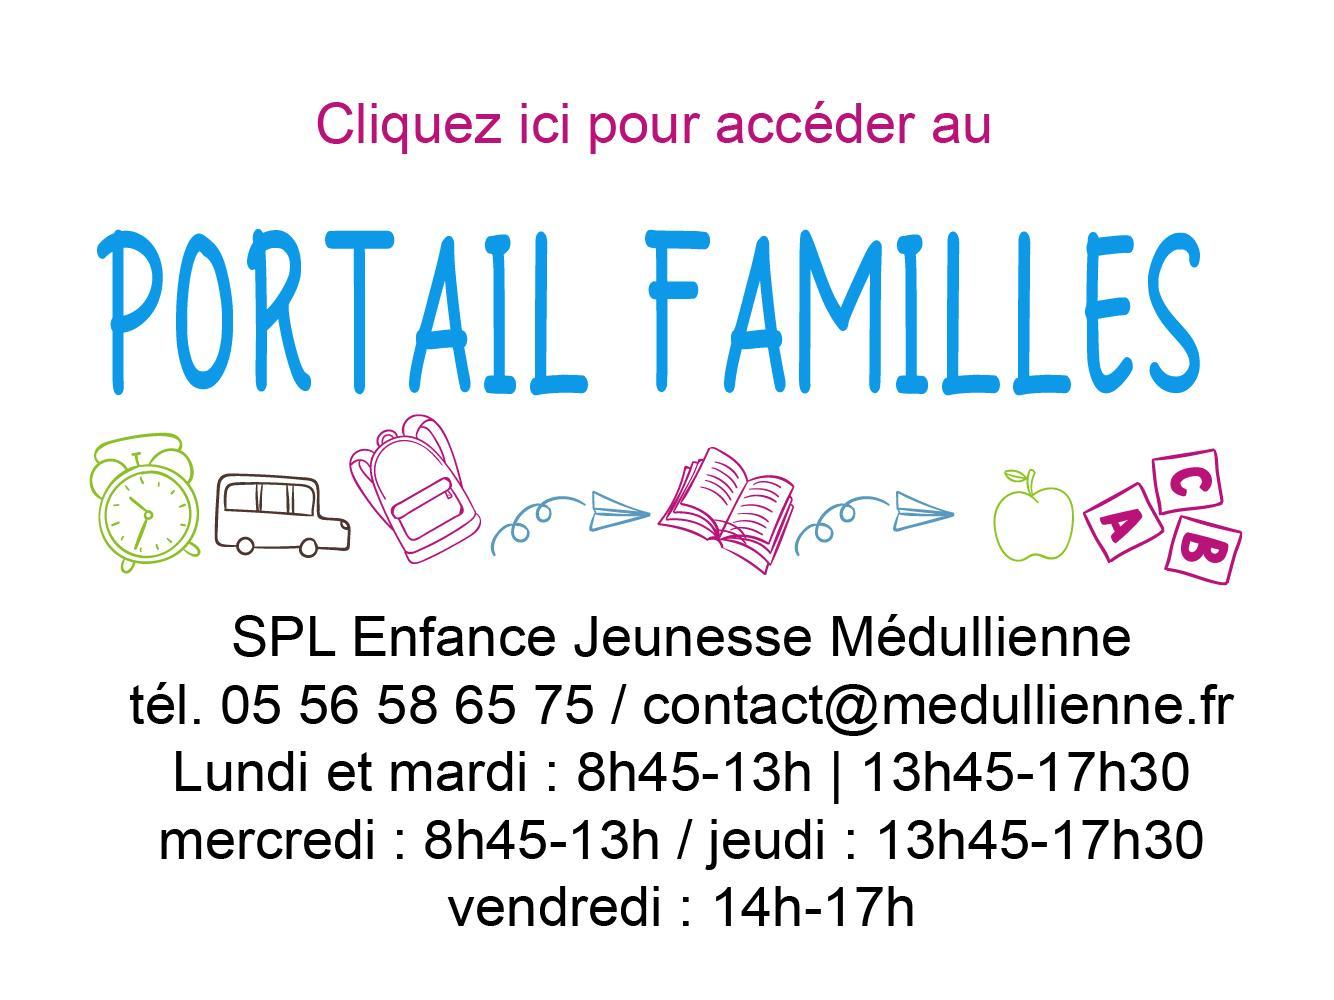 Visuel portail familles site internet au 11 fev 21 plan de travail 1